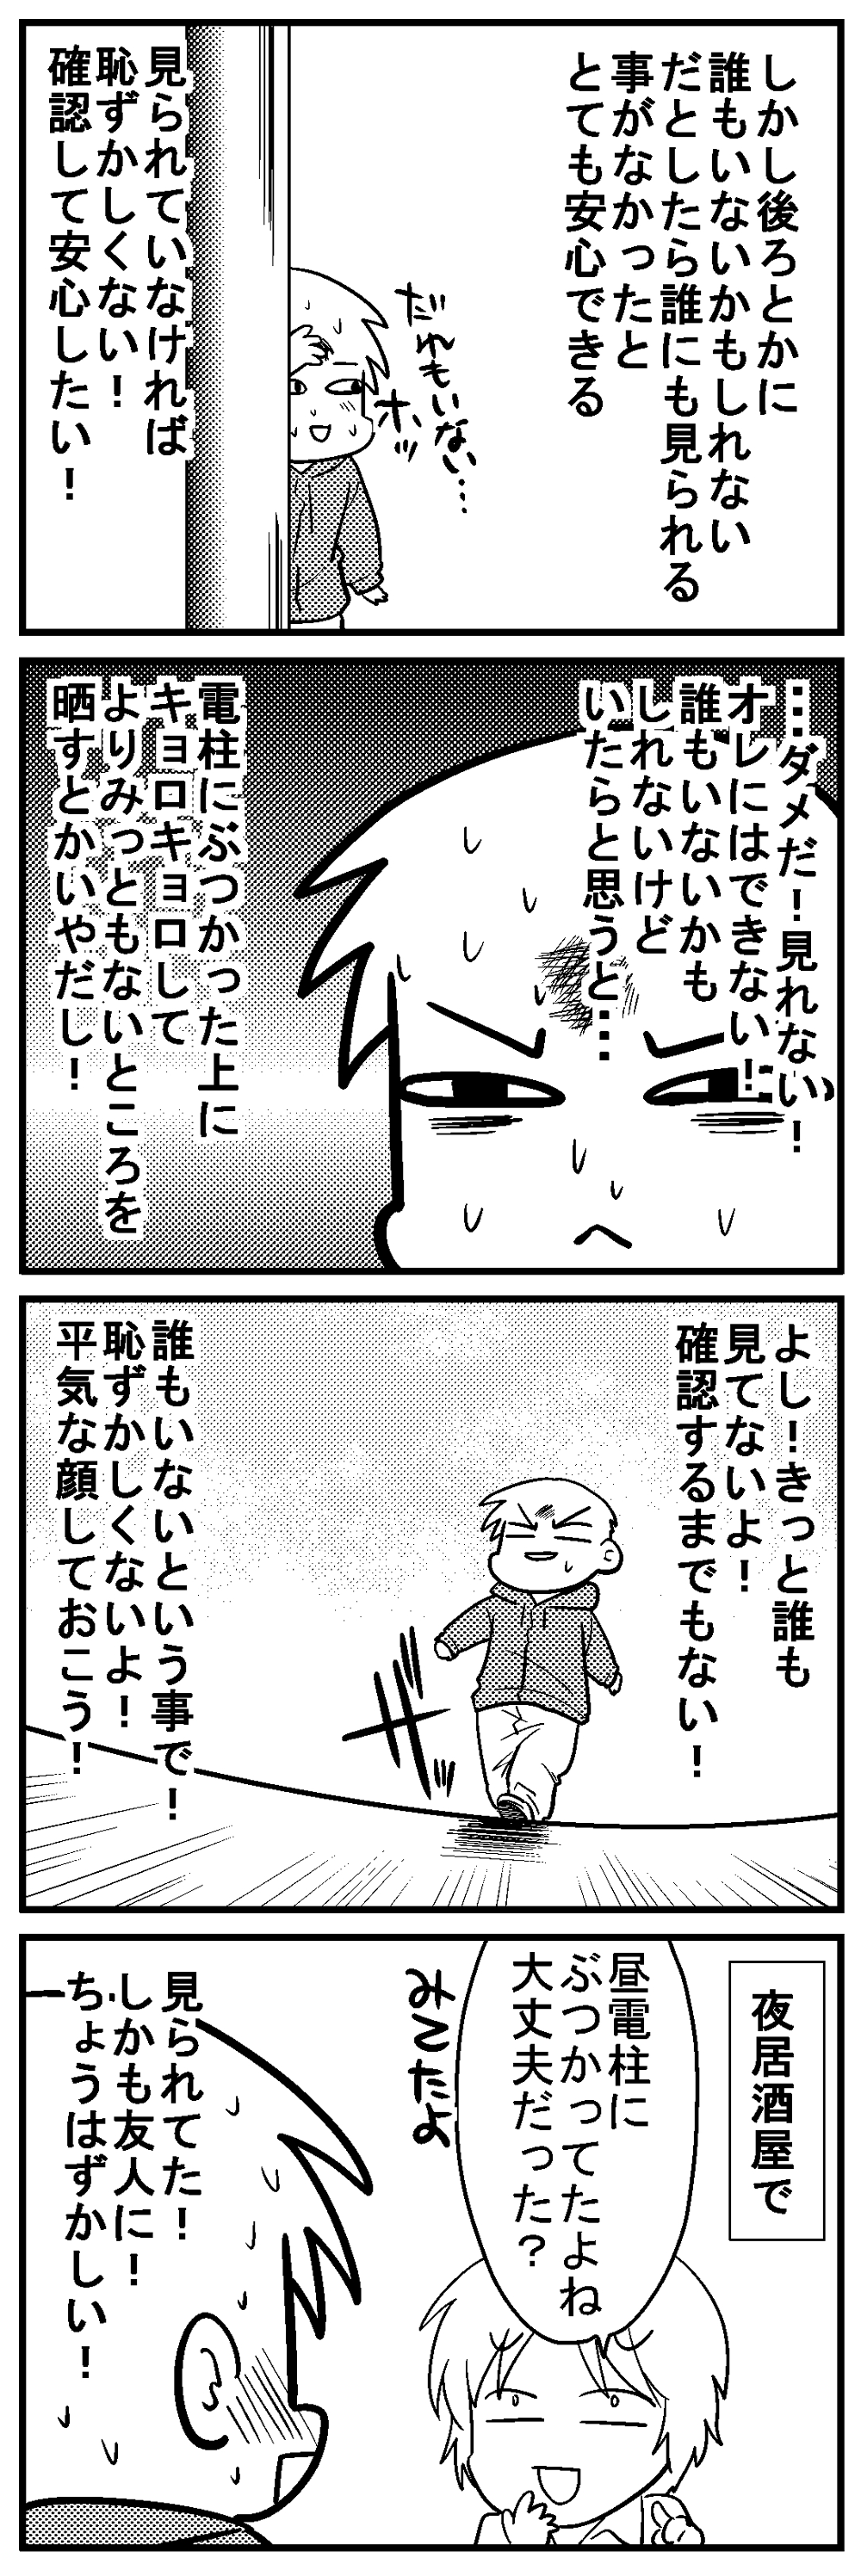 深読みくん109-2